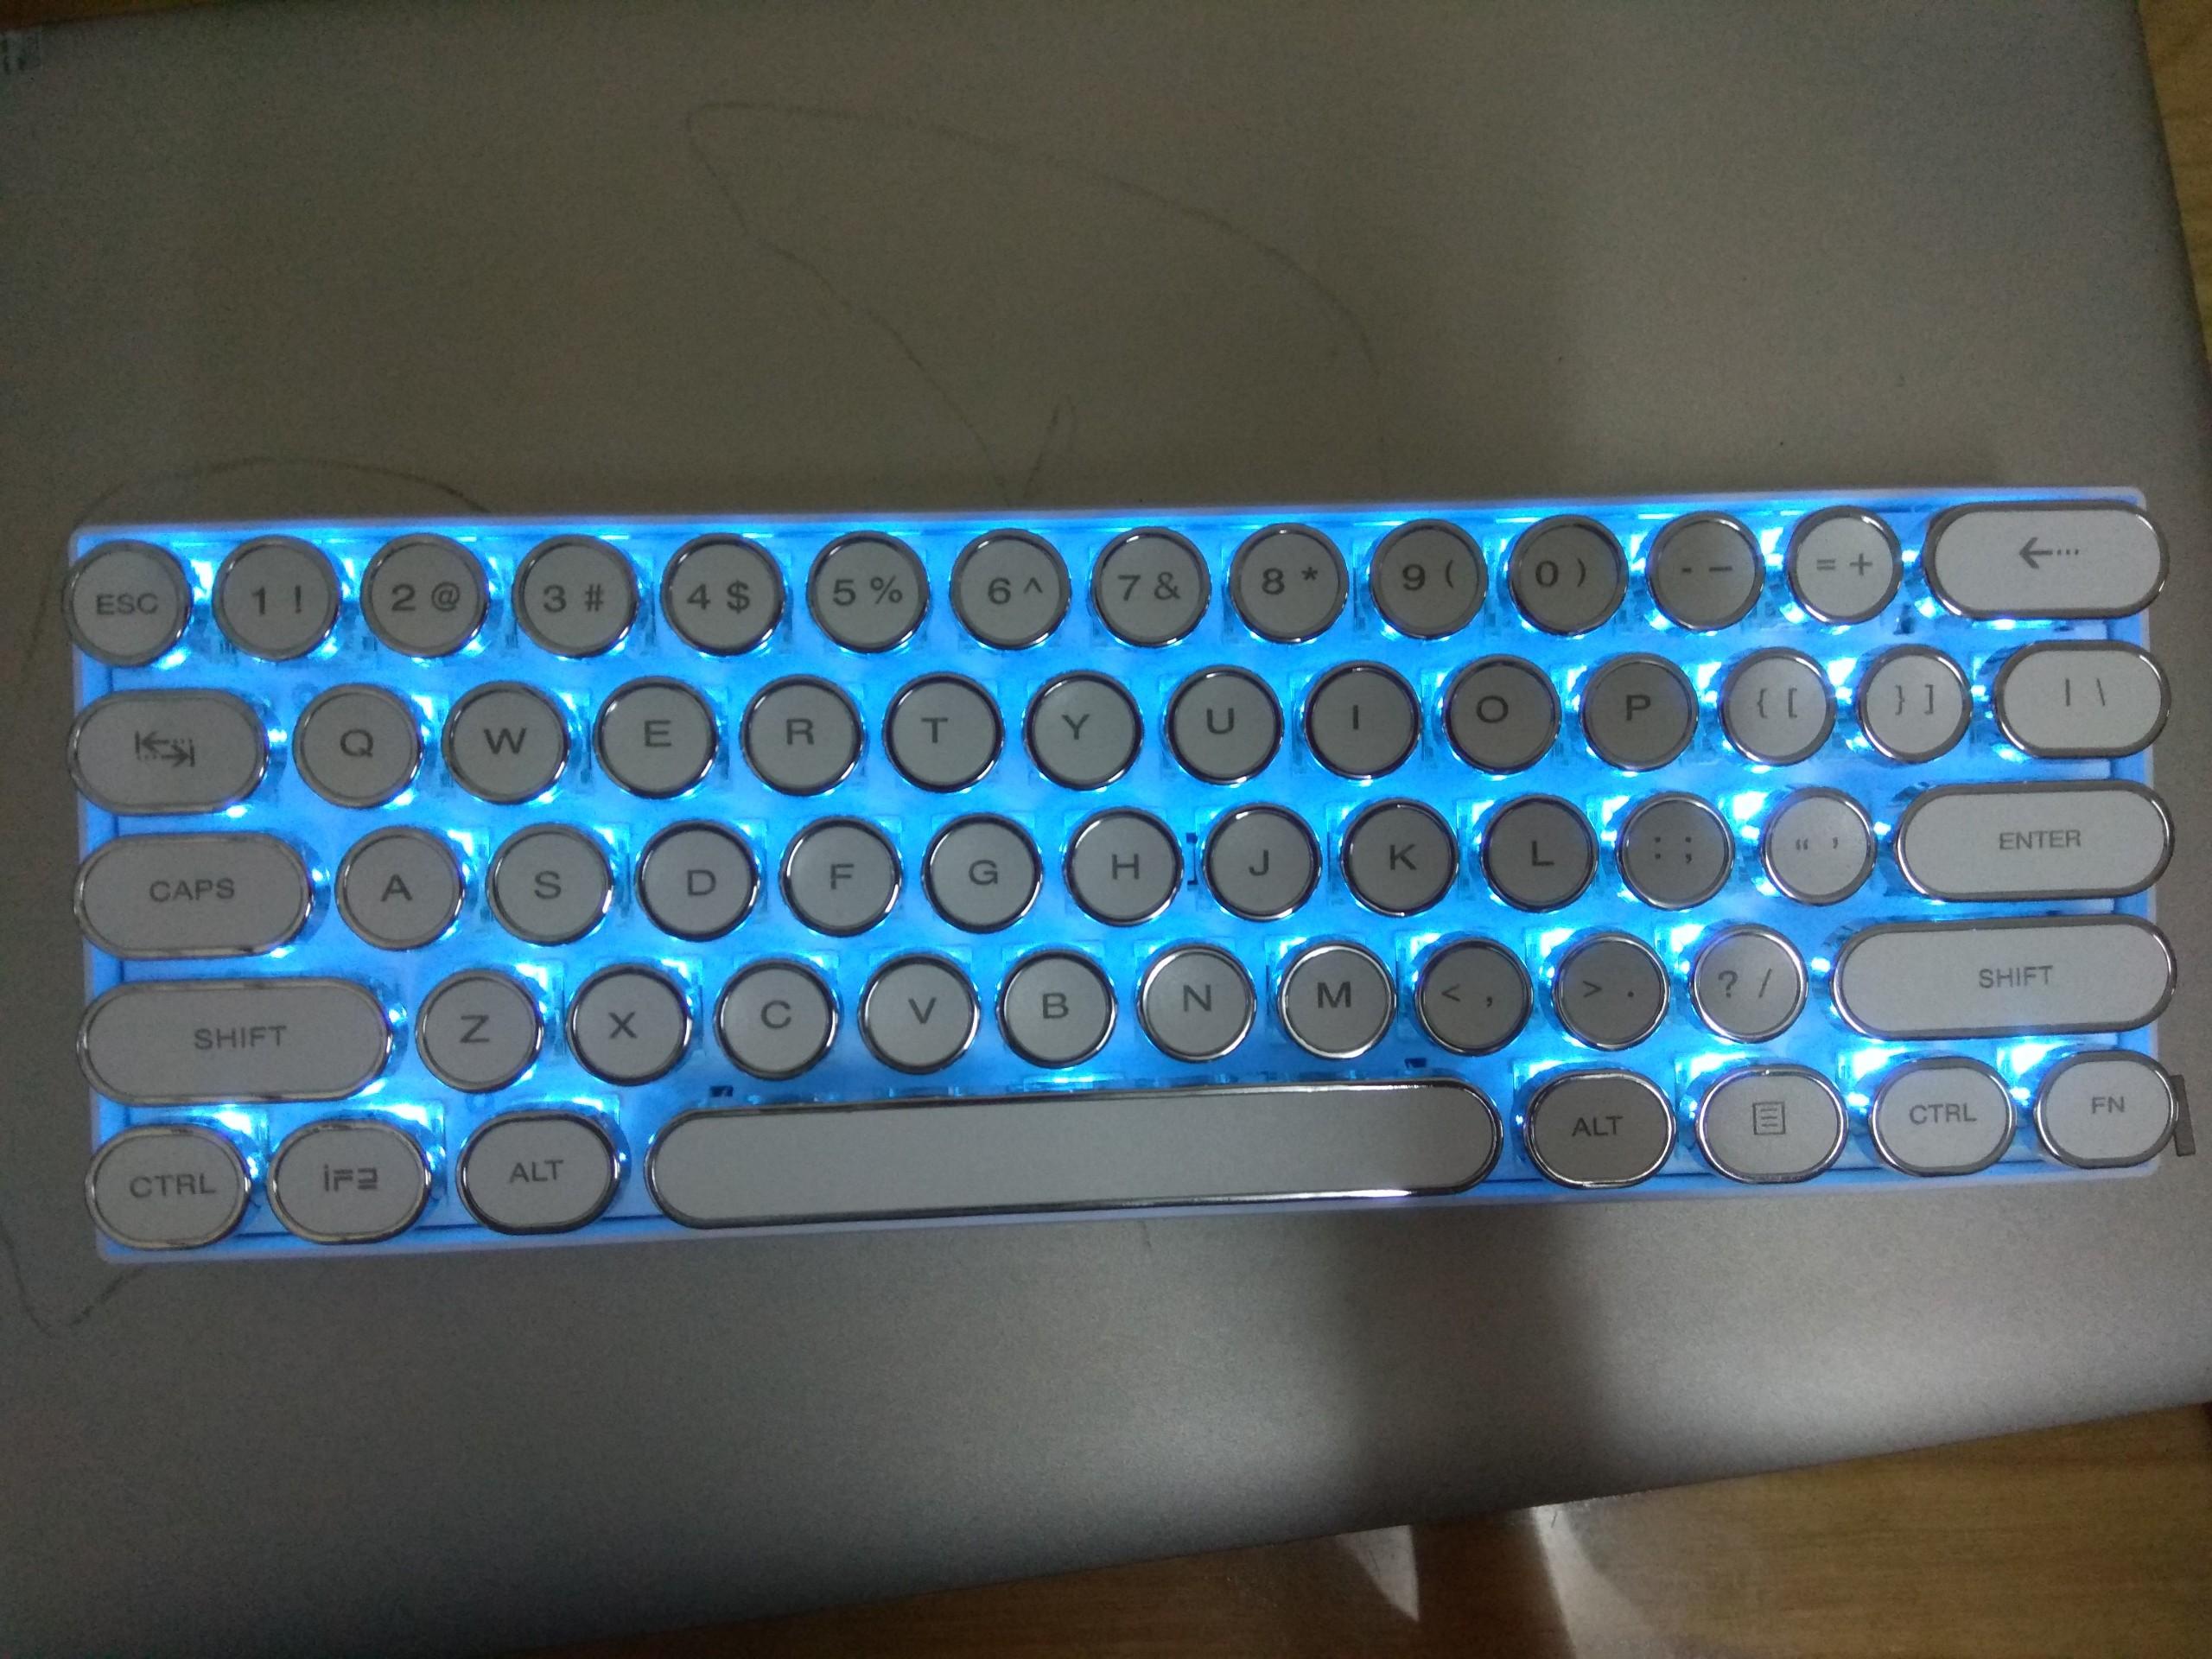 Bàn Phím Cơ Không Dây RK61 Phiên Bản Classic. - Blue Switch  - Chính Hãng Royal Kludge. 61 Phím nhỏ gọn, dễ mang theo. Thiết kế đẹp, phong cách cổ điển.